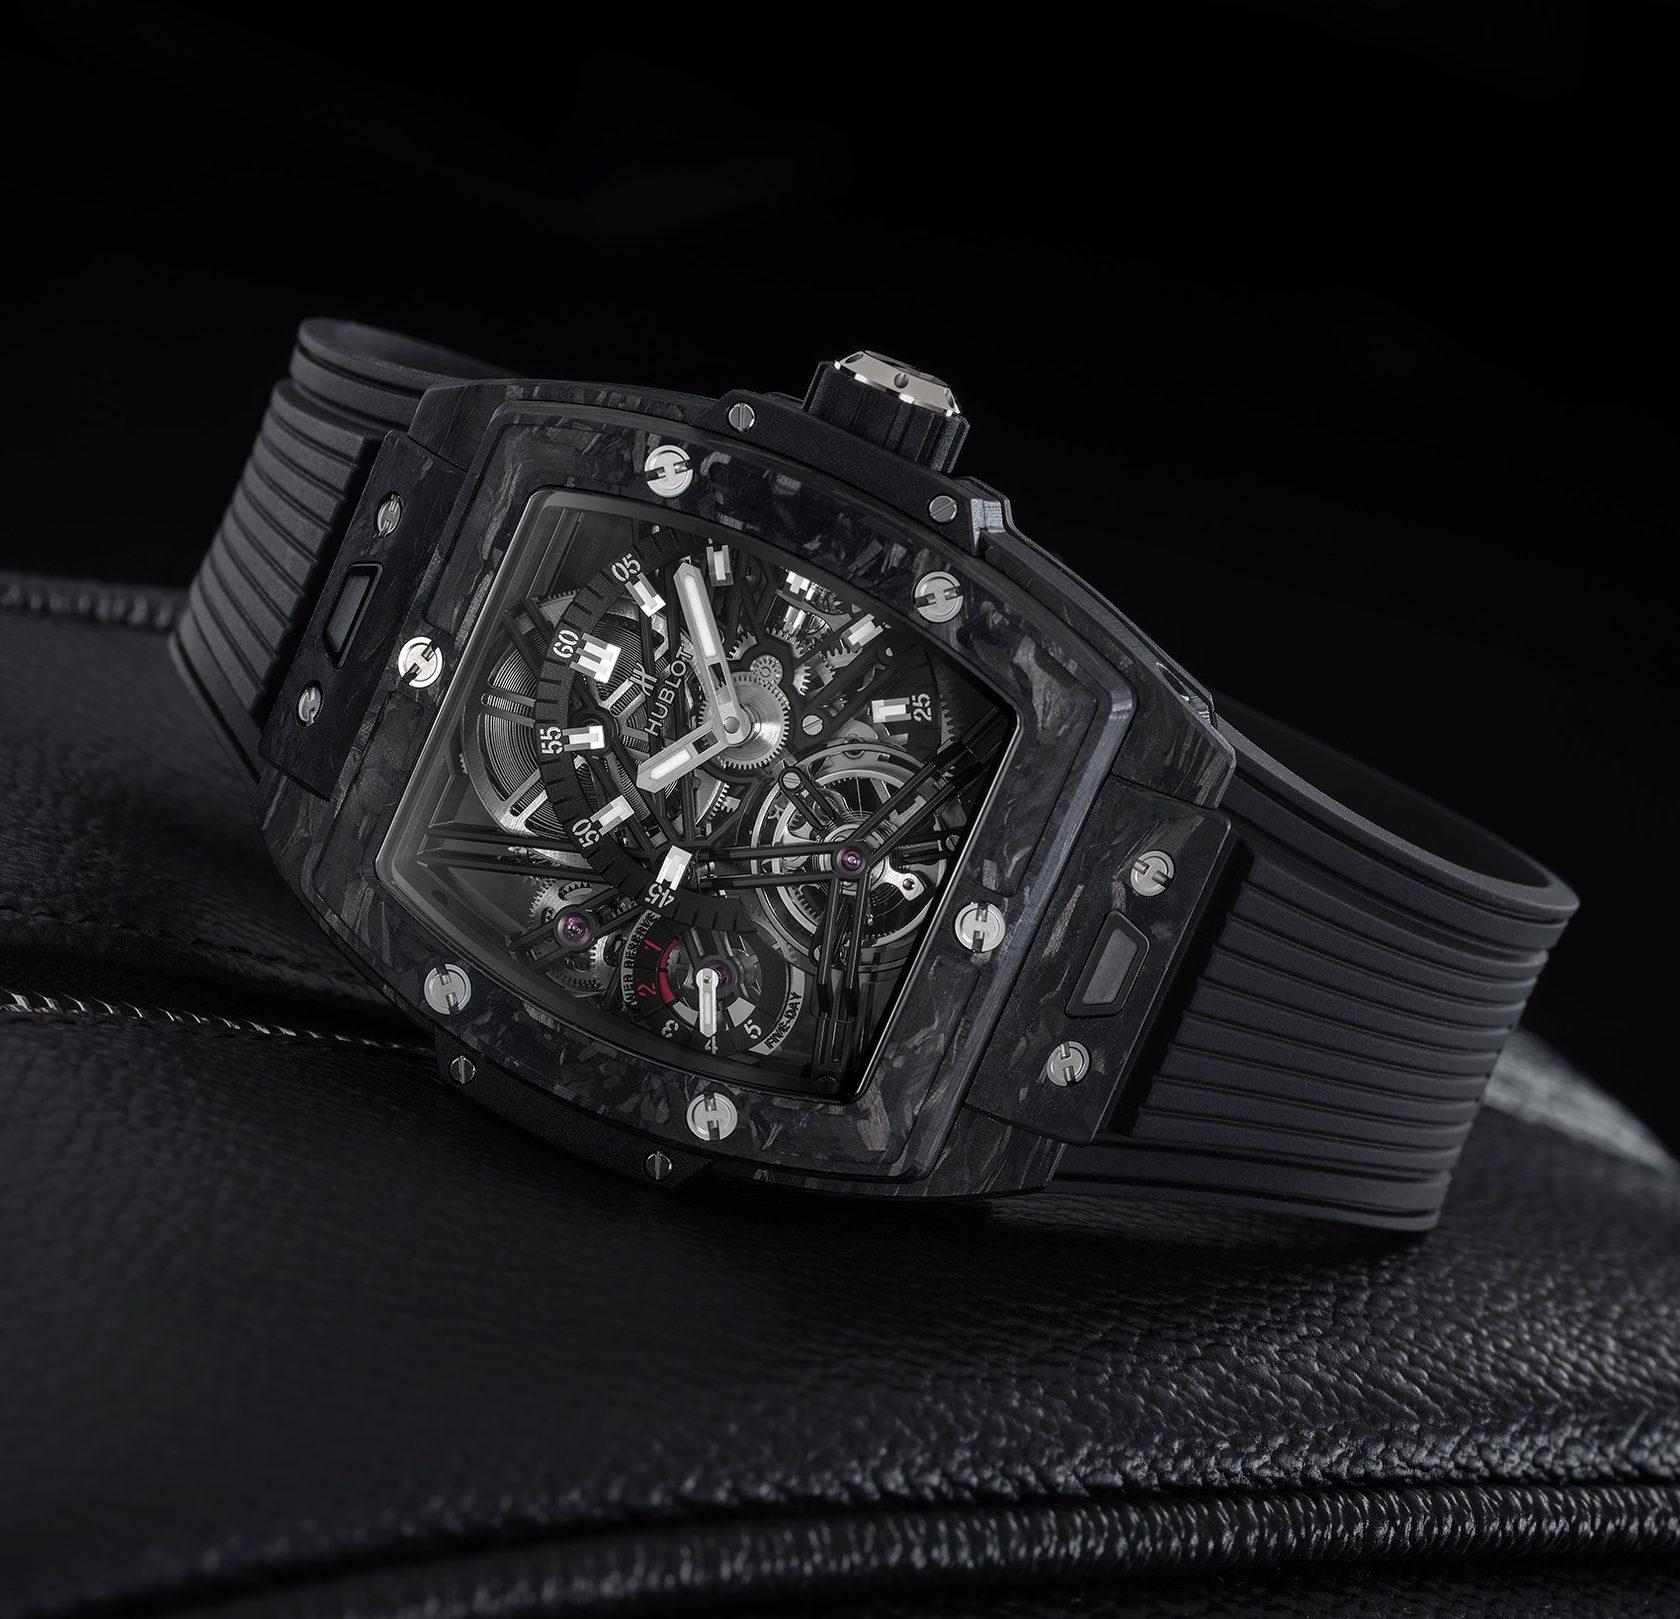 Продать б/у часы Hublot - Часовой ломбард Hublot